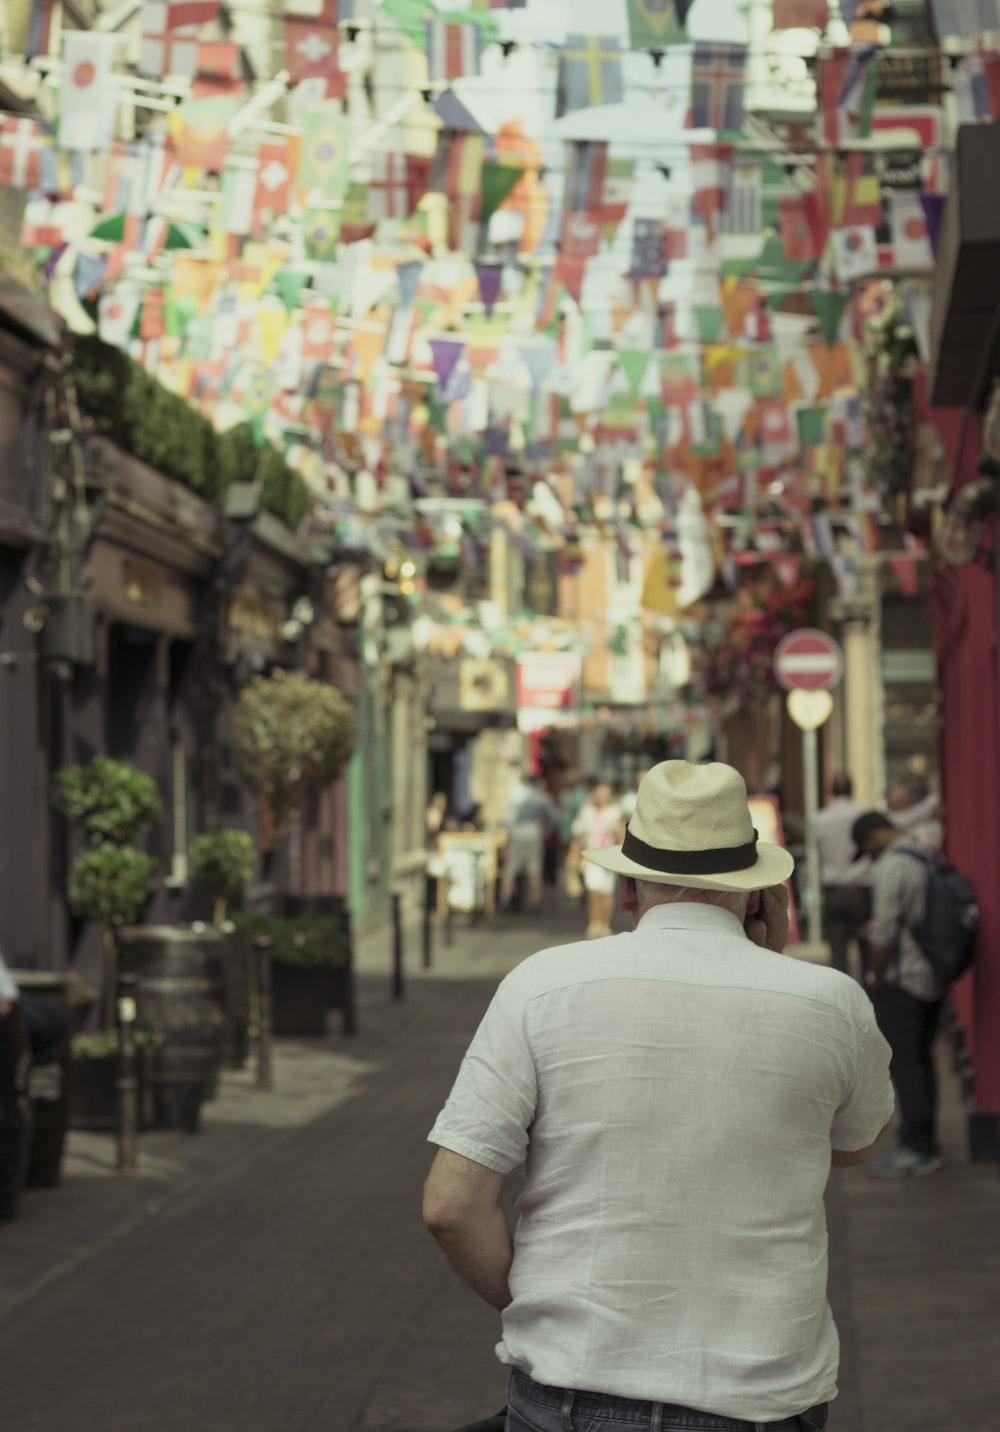 man walking on city street at daytime